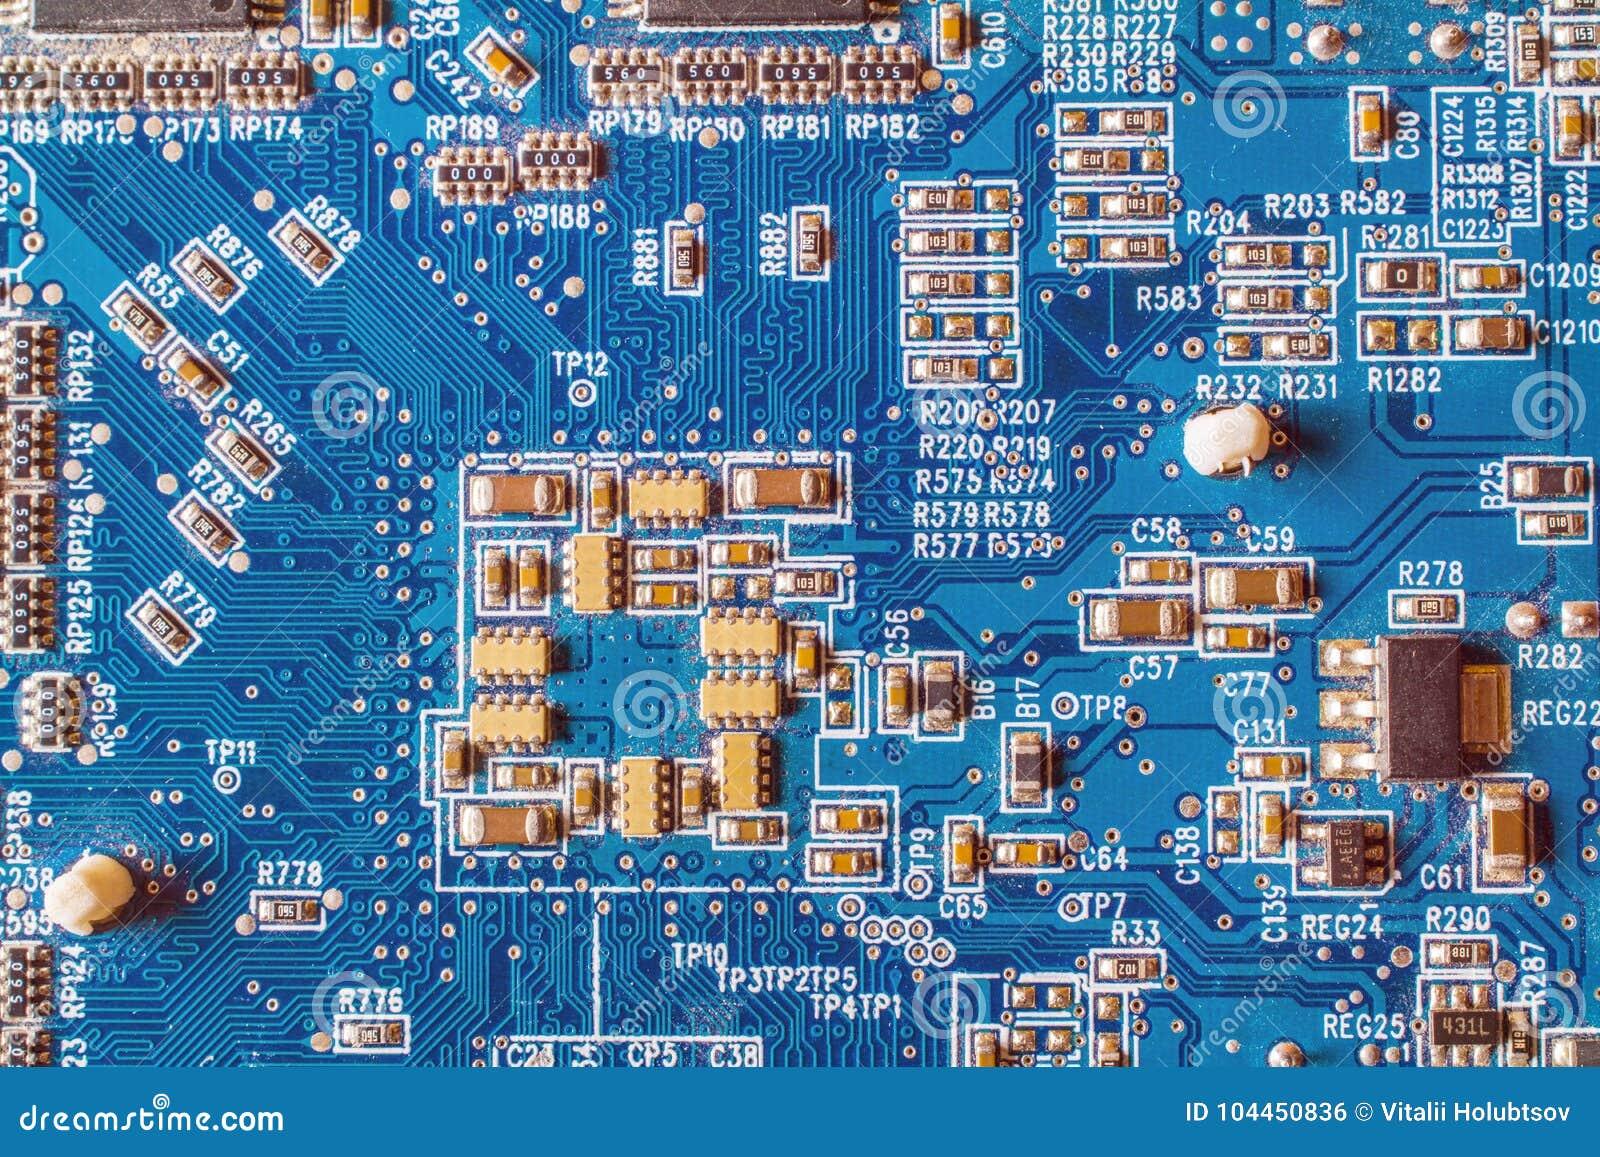 Circuitboard с резисторами